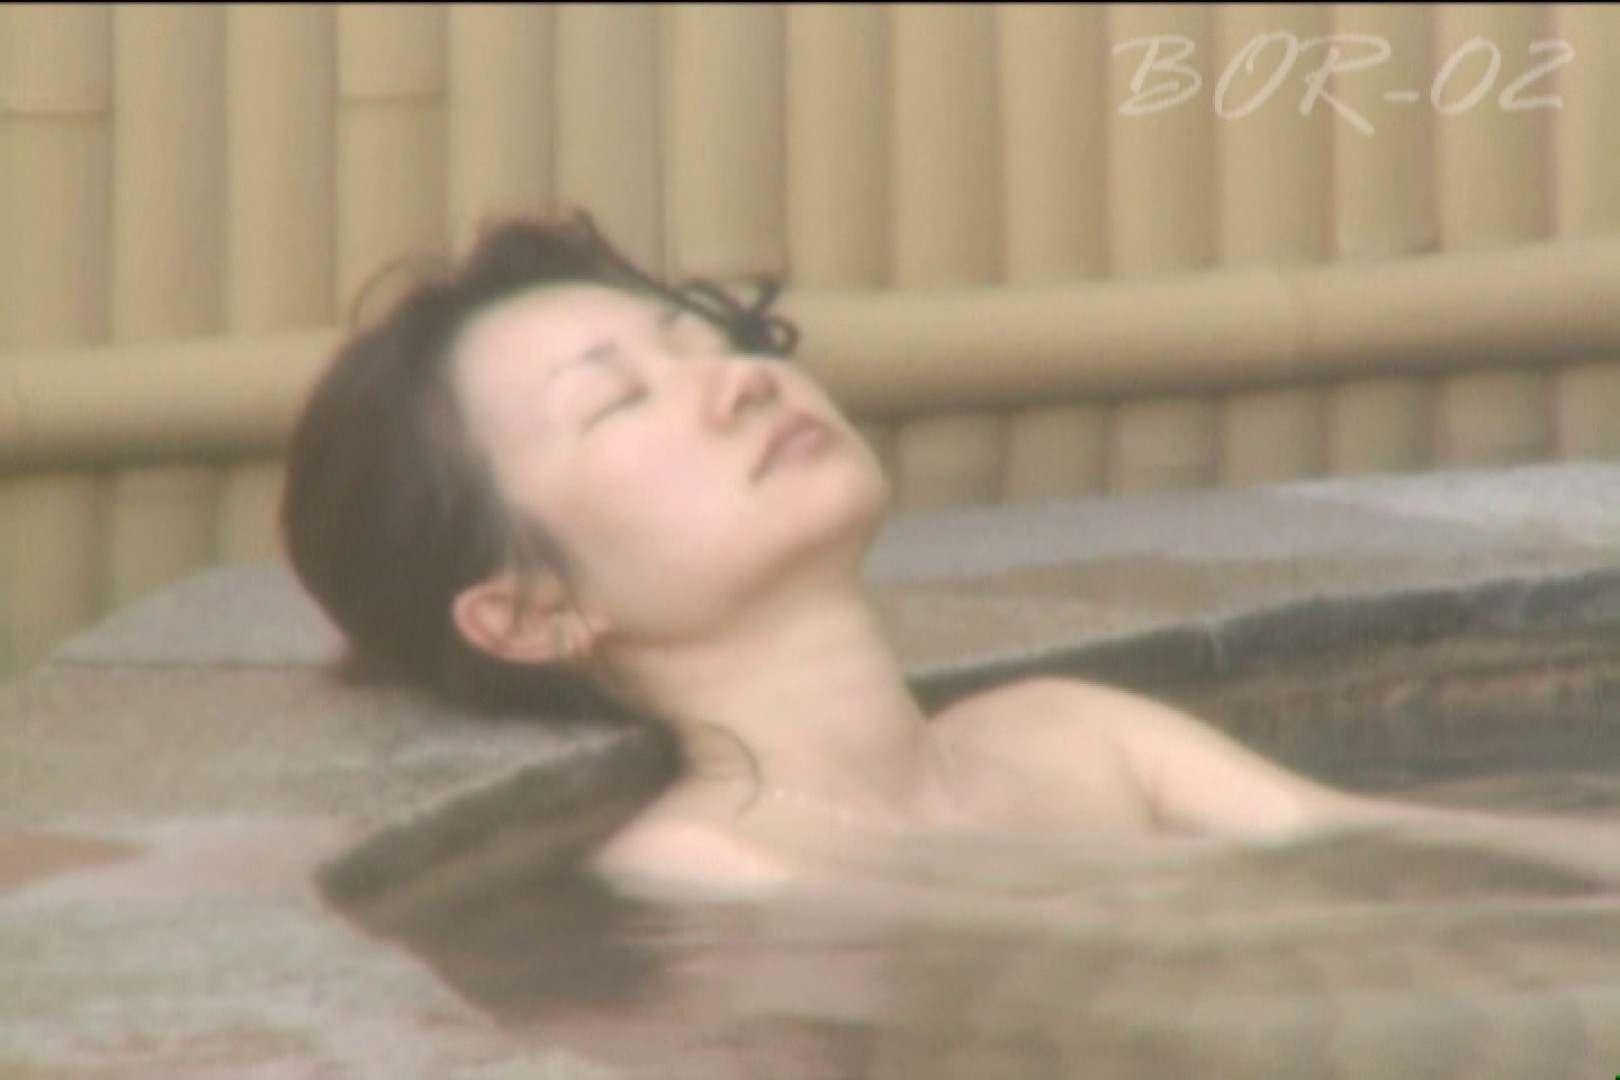 Aquaな露天風呂Vol.477 盗撮 | OLのエロ生活  79連発 40